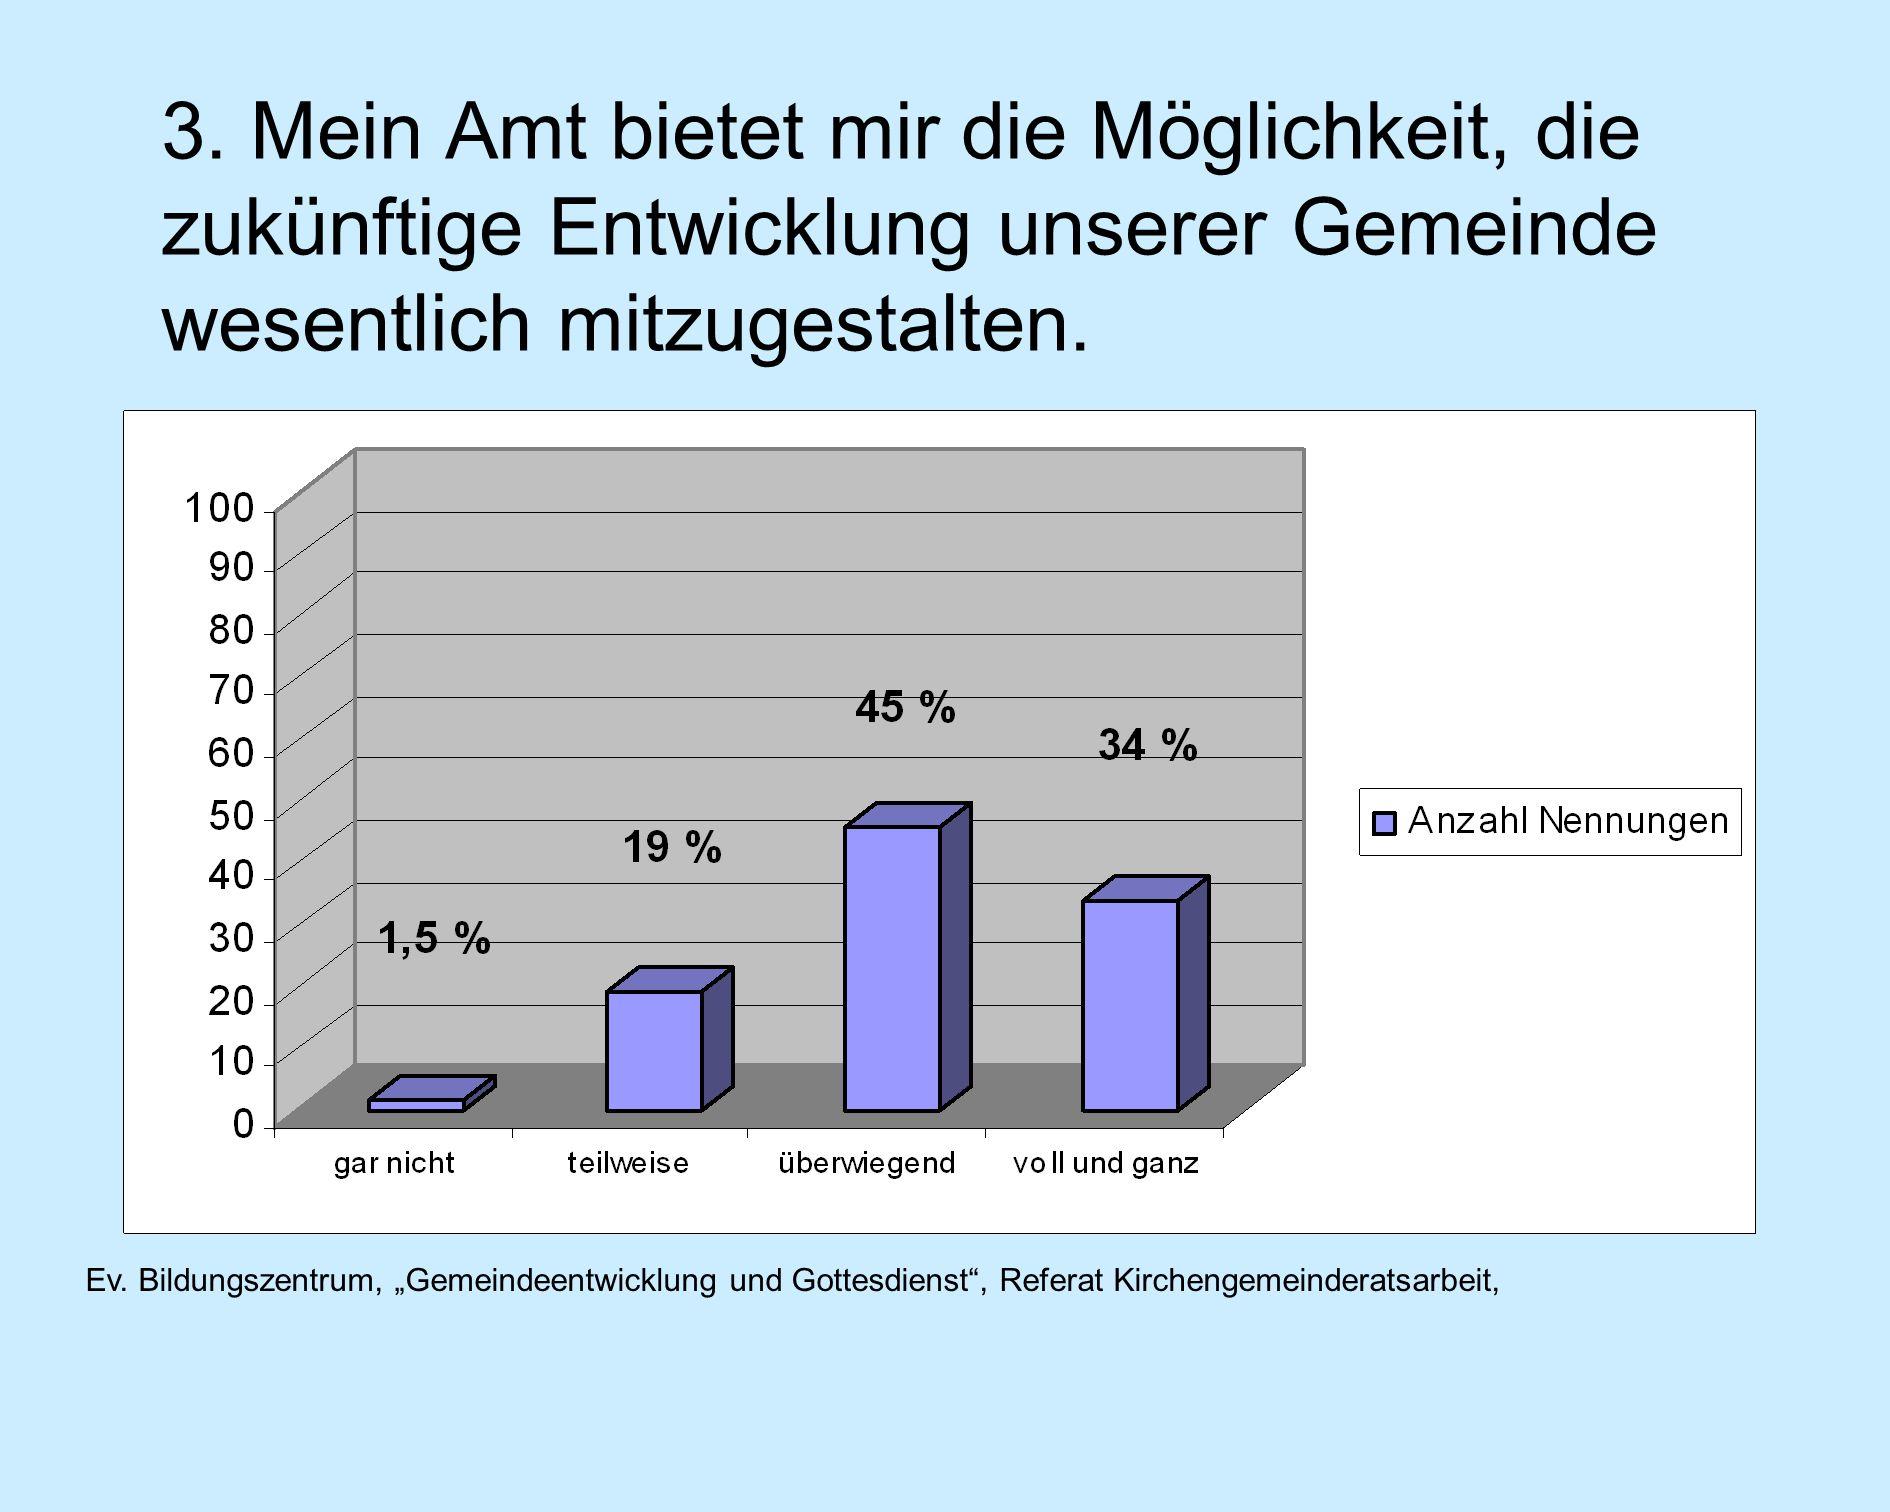 Ev. Bildungszentrum, Gemeindeentwicklung und Gottesdienst, Referat Kirchengemeinderatsarbeit, 3.